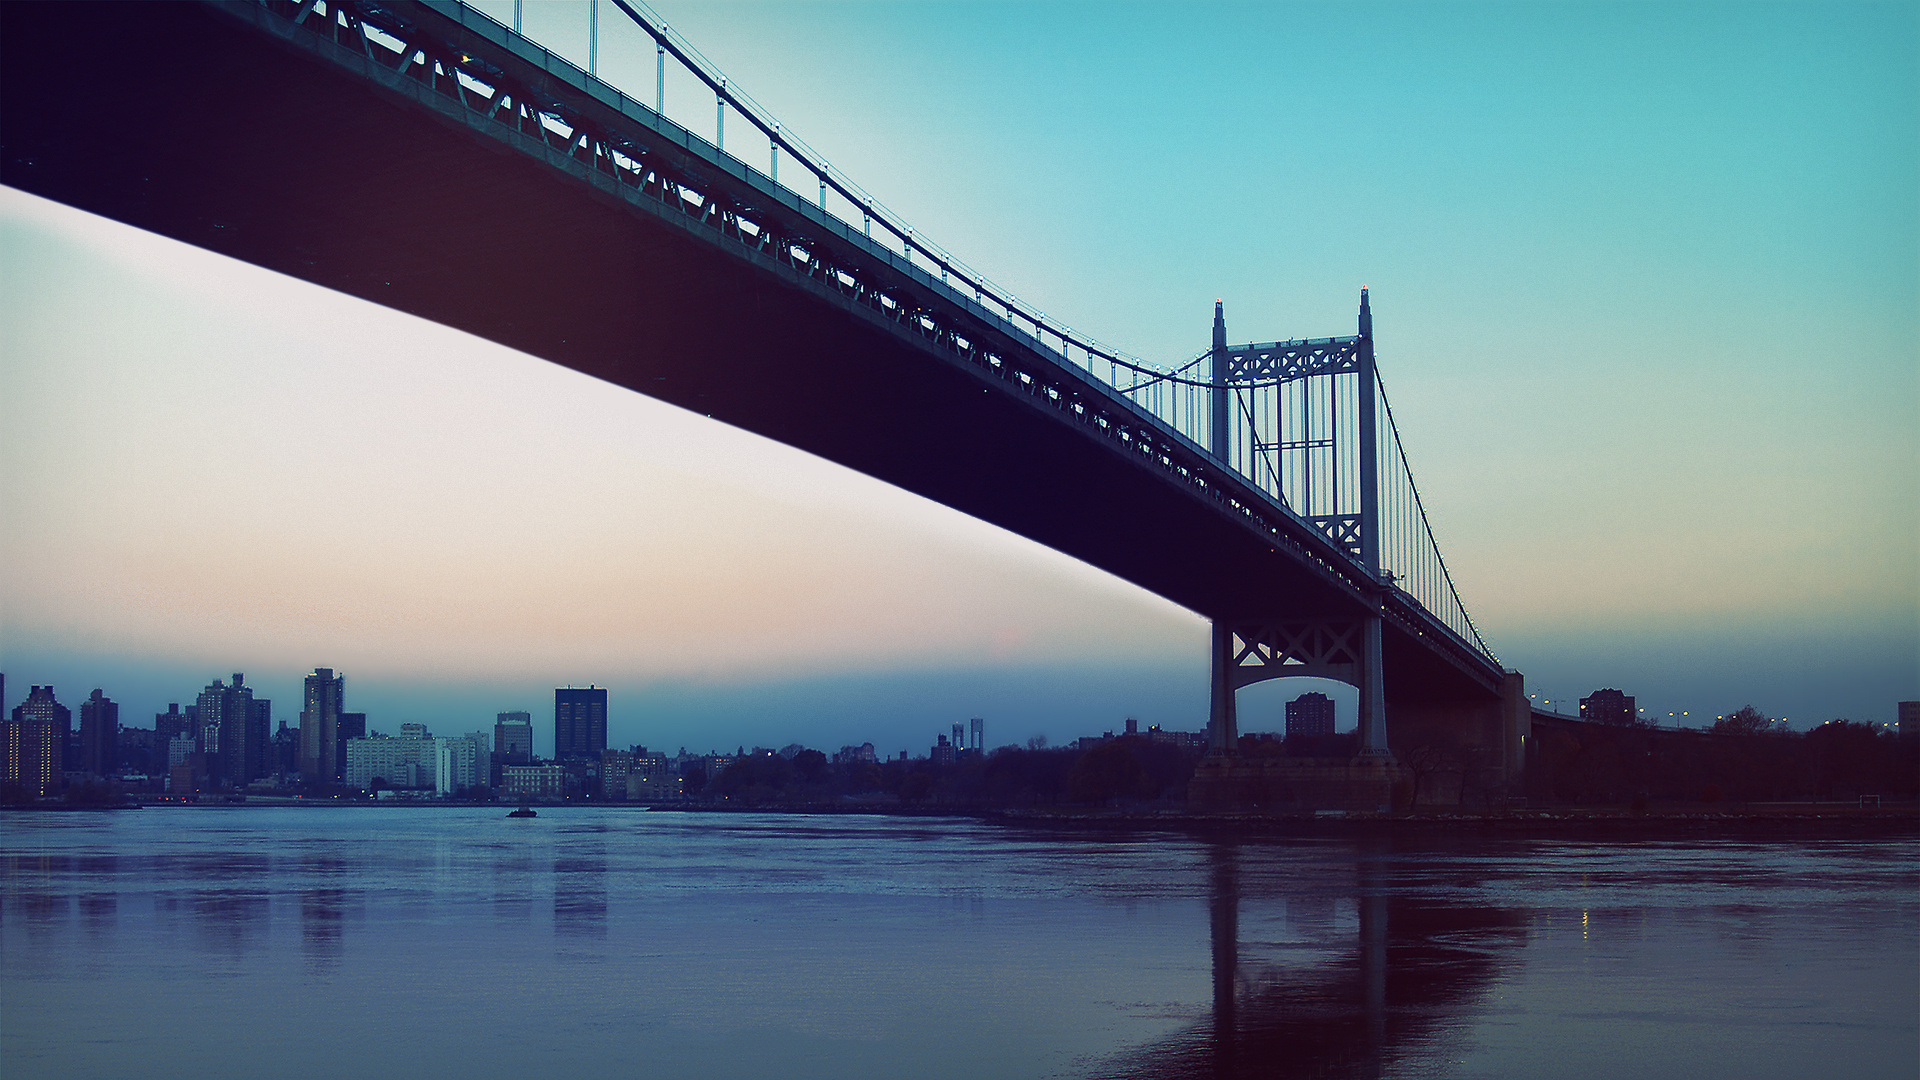 Город мост через реку  № 3713089 без смс